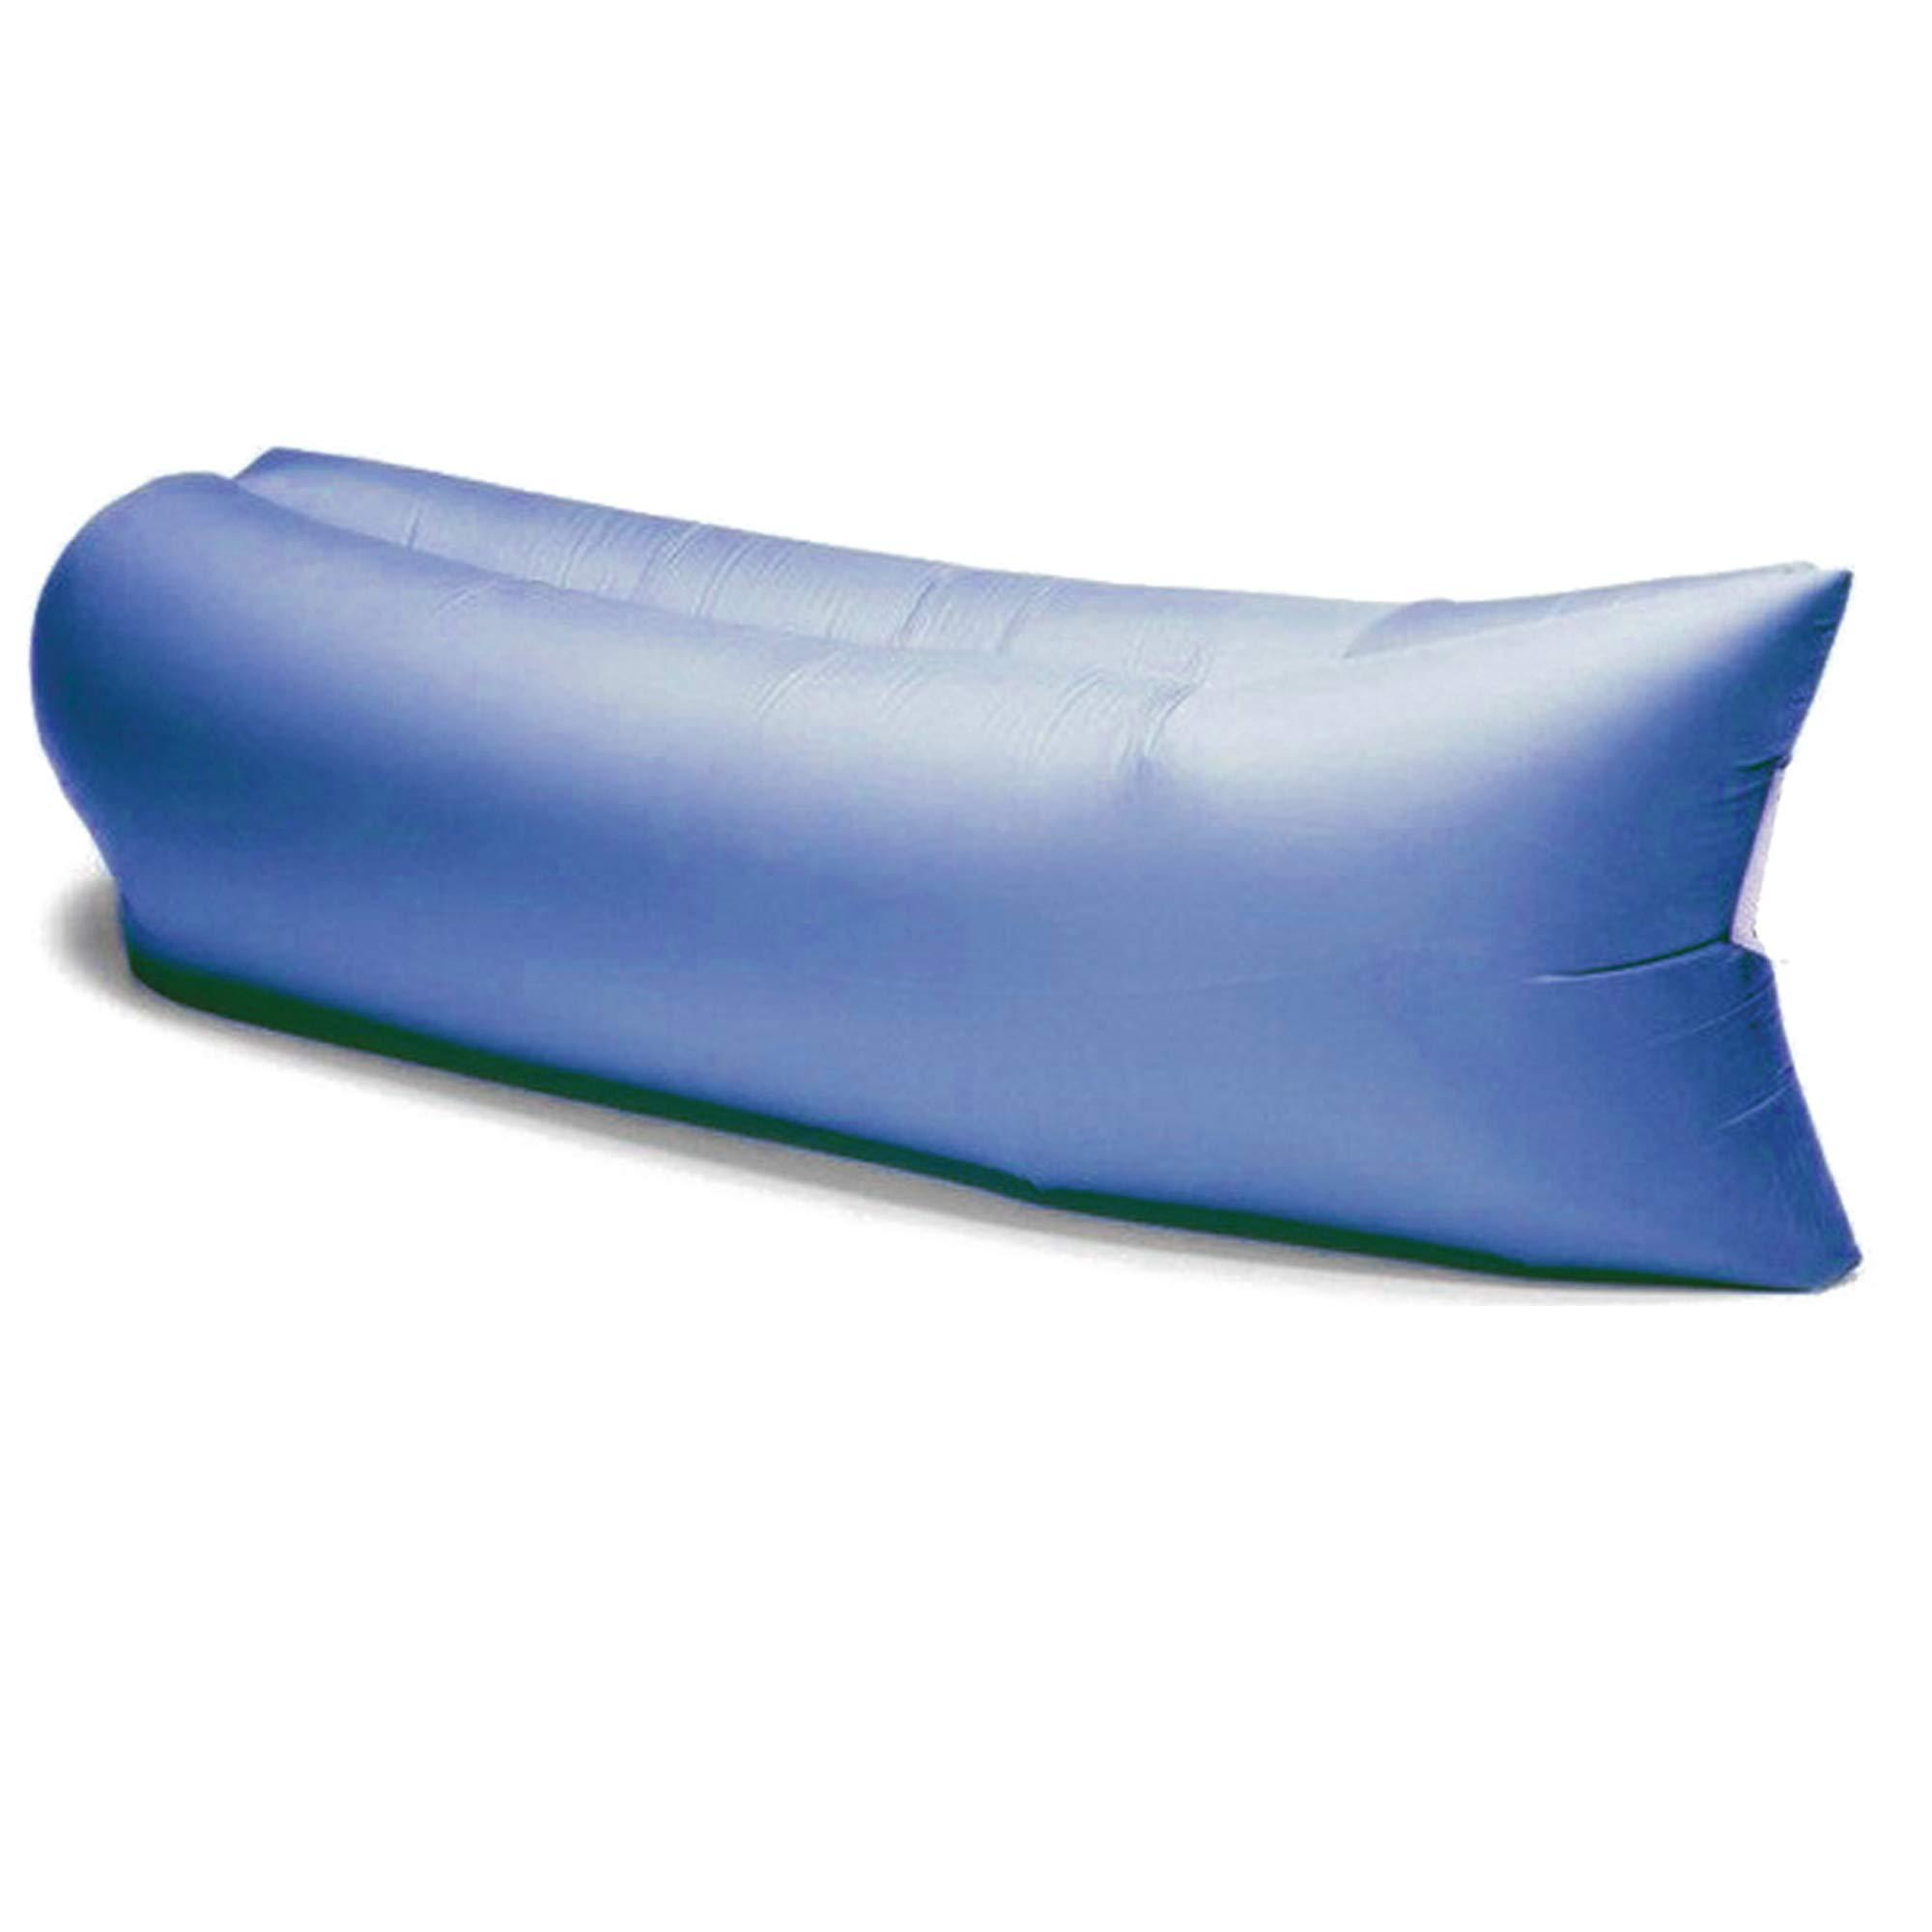 Lettino Gonfiabile Con Aria.Divano Gonfiabile Ad Aria Comfort Bag Con Sacca Di Trasporto Lettino Gonfiabile Blu In Nylon Ripstop Mis 200x80x60cm Circa Materassino Gonfiabile